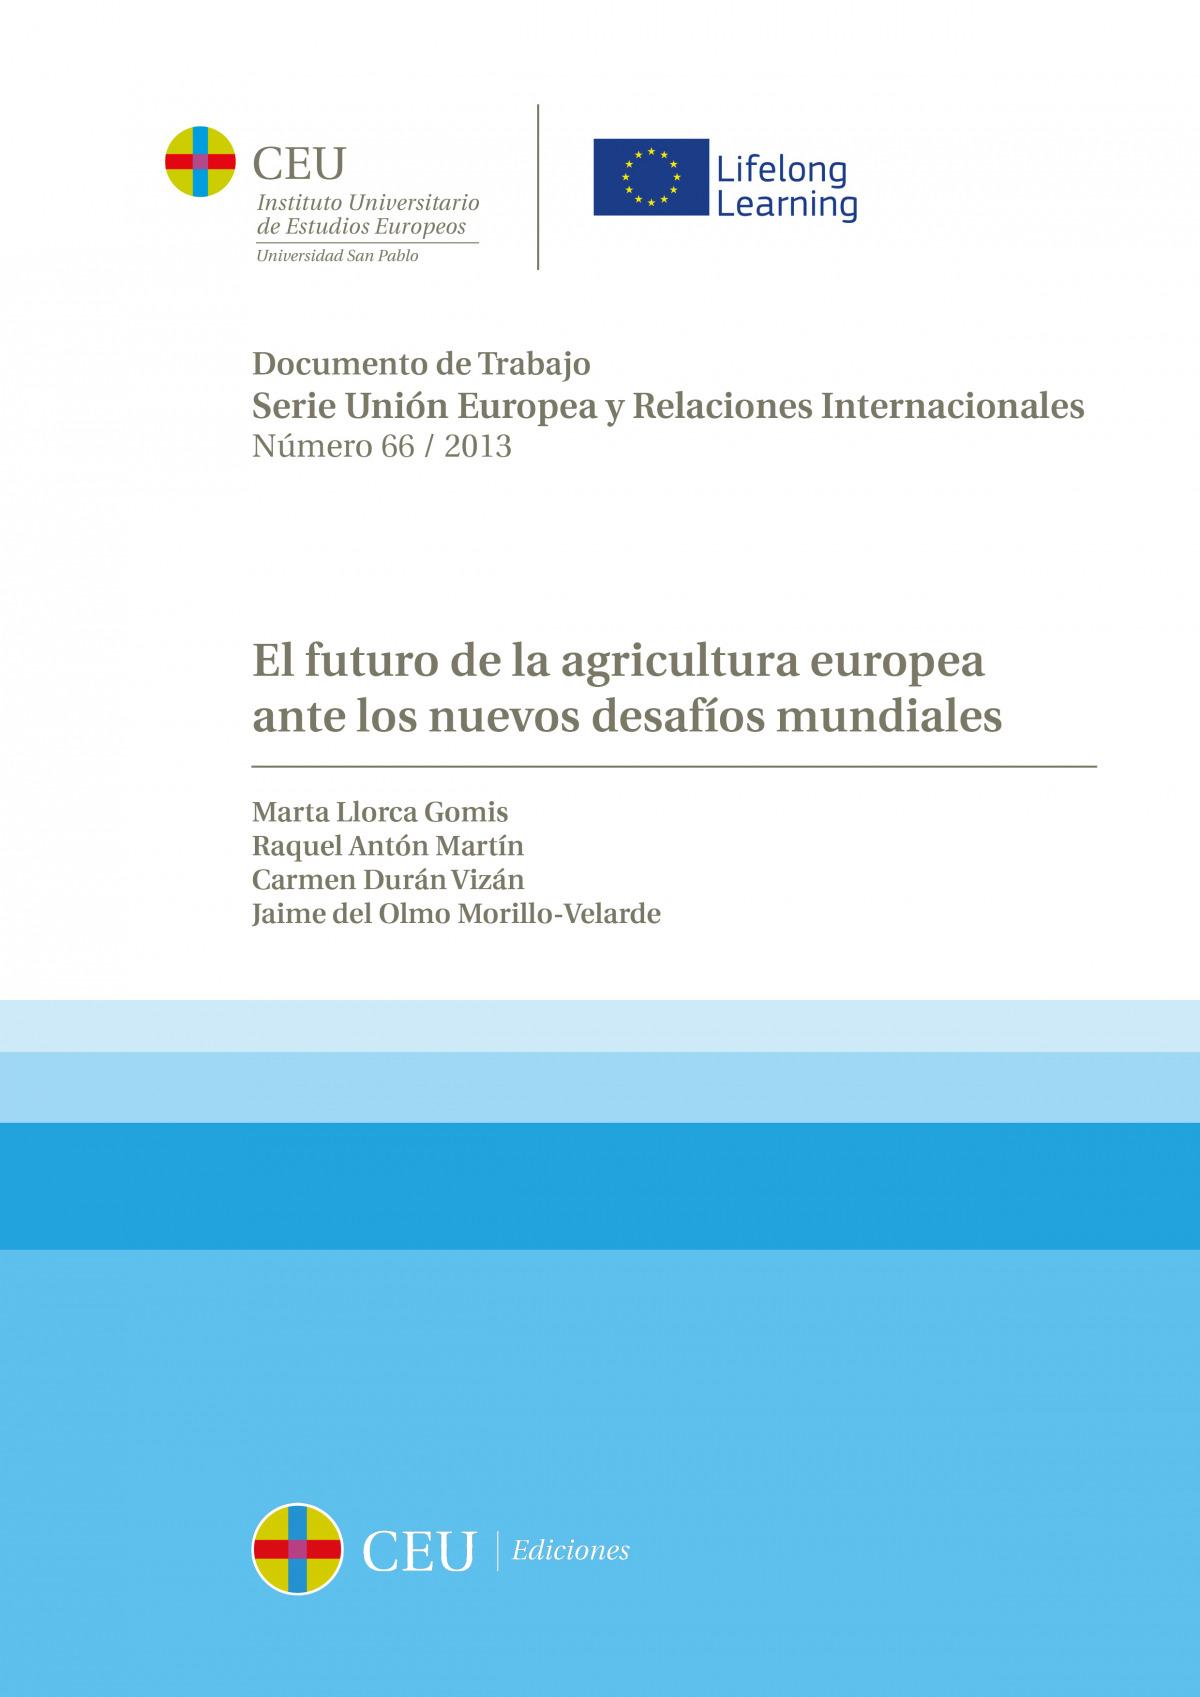 El futuro de la agricultura europea ante los nuevos desafíos mundiales - Llorca Gomis, Marta / Antón Martín, Raquel / Durán Vizán, Carmen / del Olmo Morillo-Velarde, Jaime